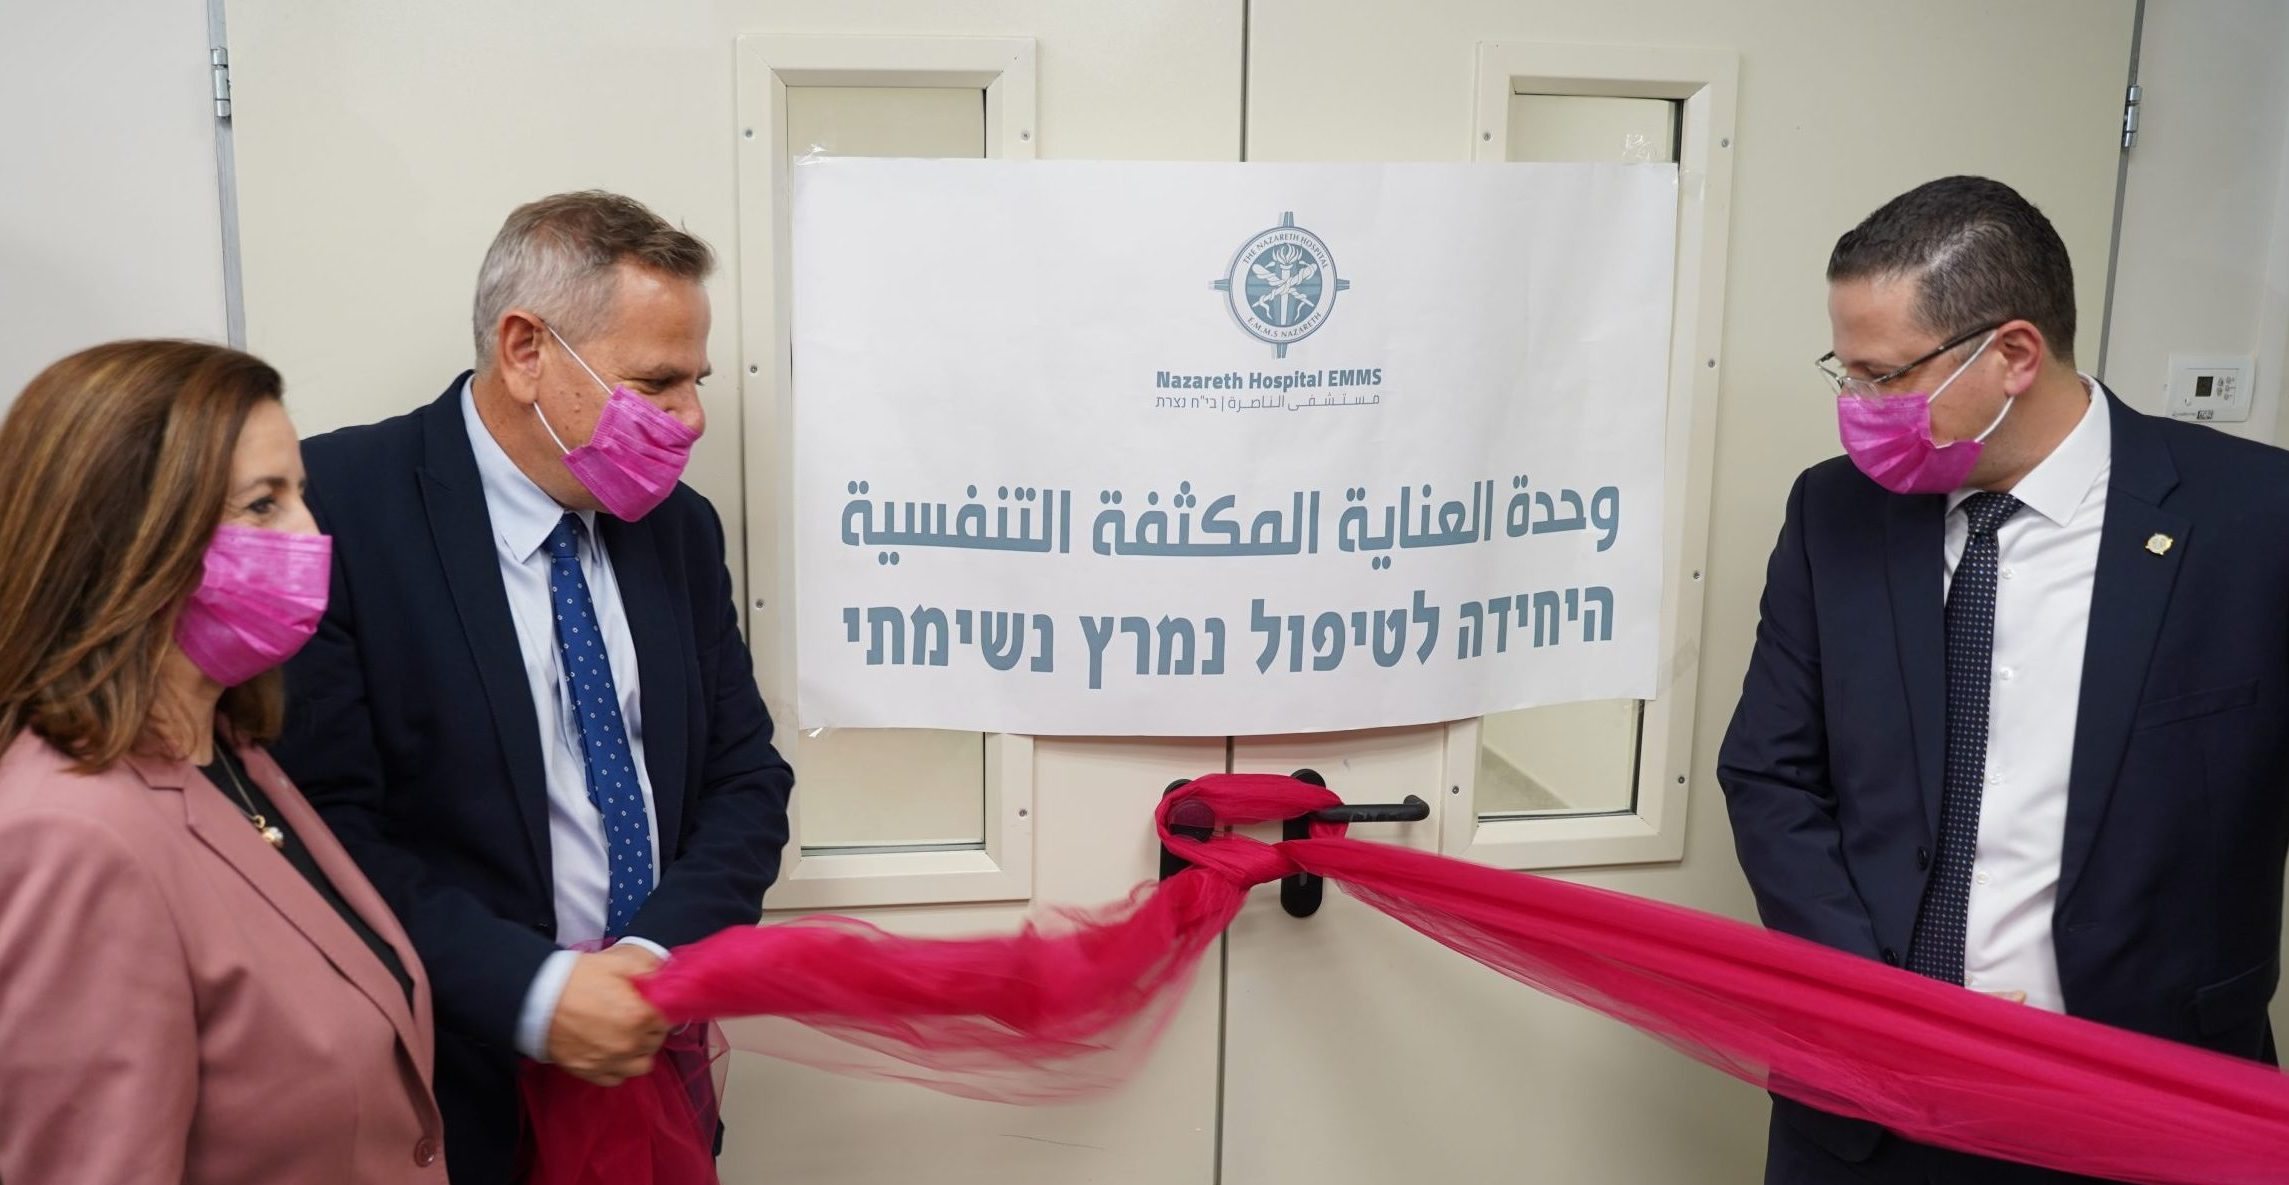 وزير الصحة يزور مستشفى الناصرة-الإنجليزي